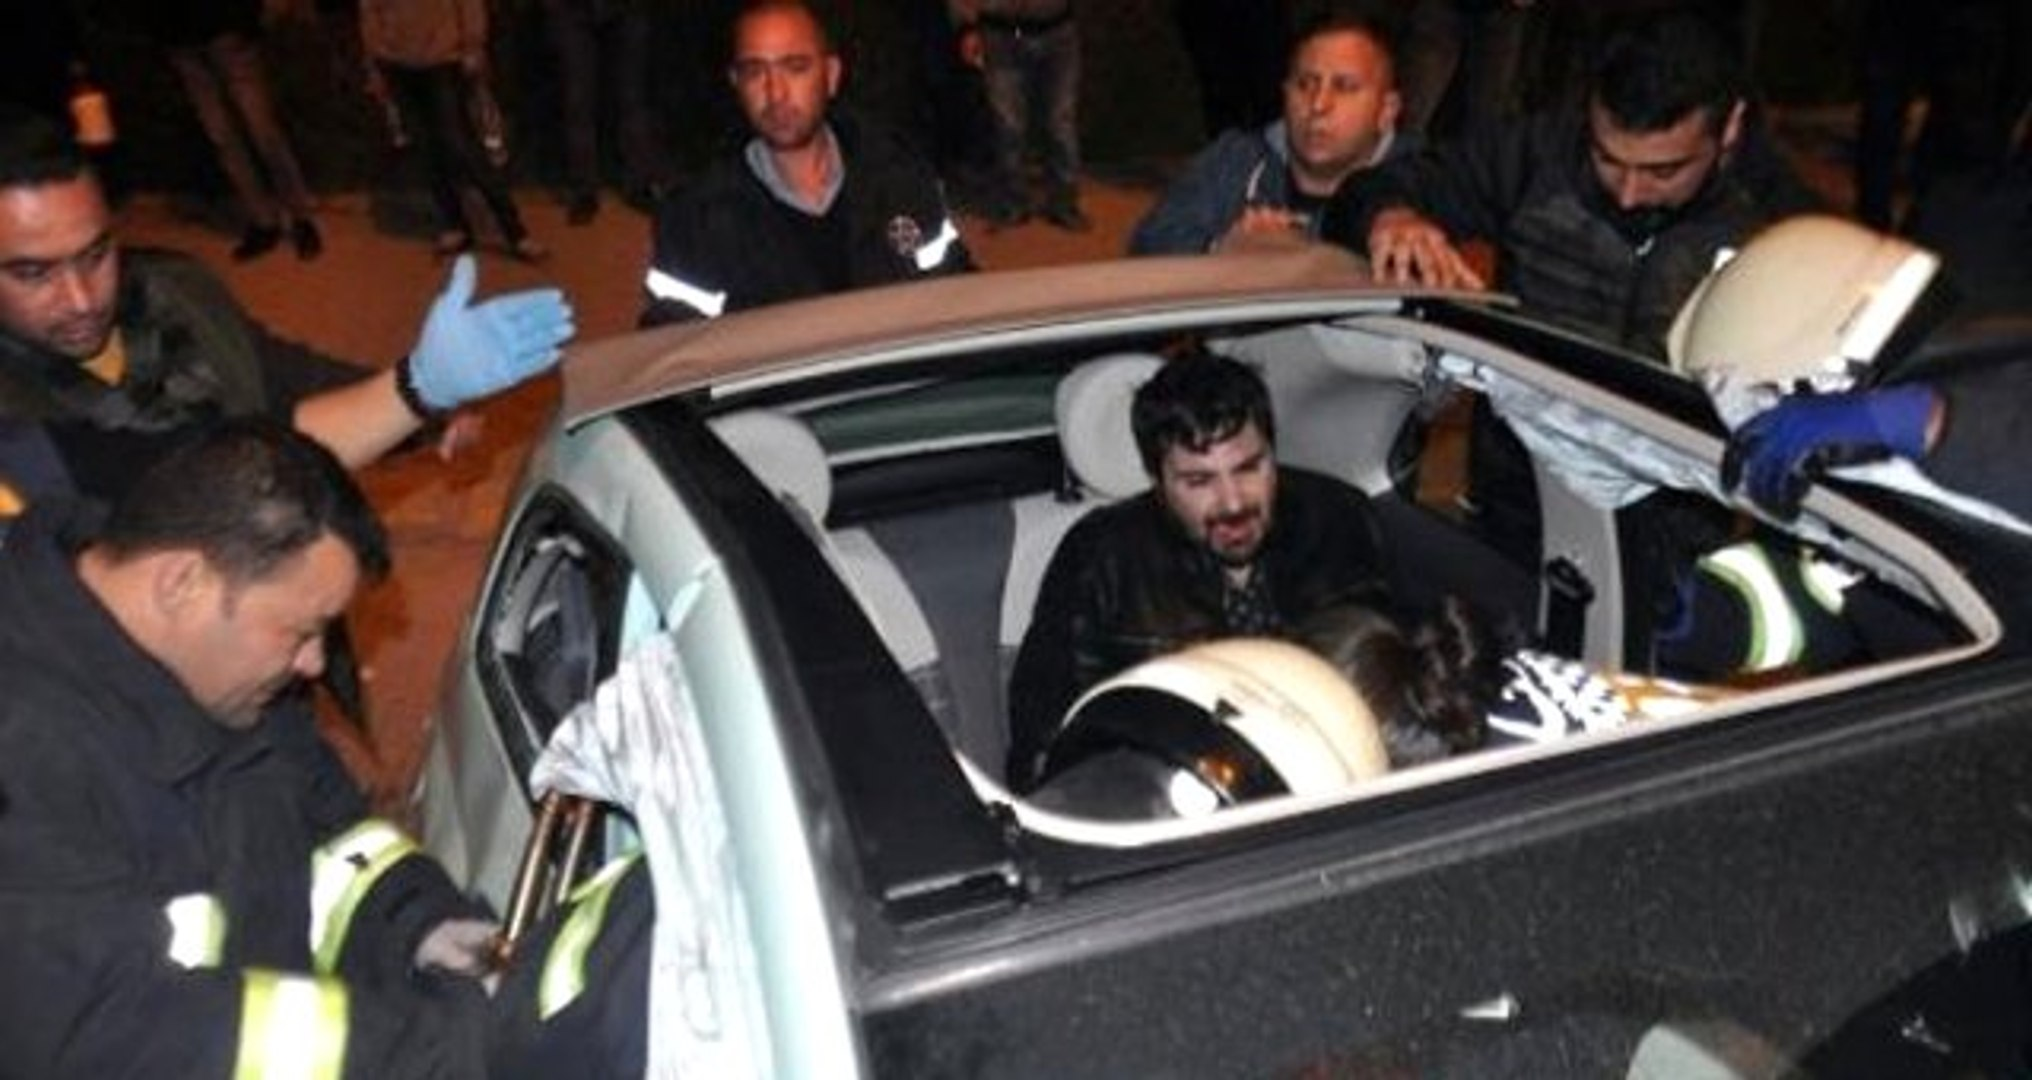 Yeni Satın Aldığı Otomobiliyle Kaza Yaptı, Kaskosunu Sordu